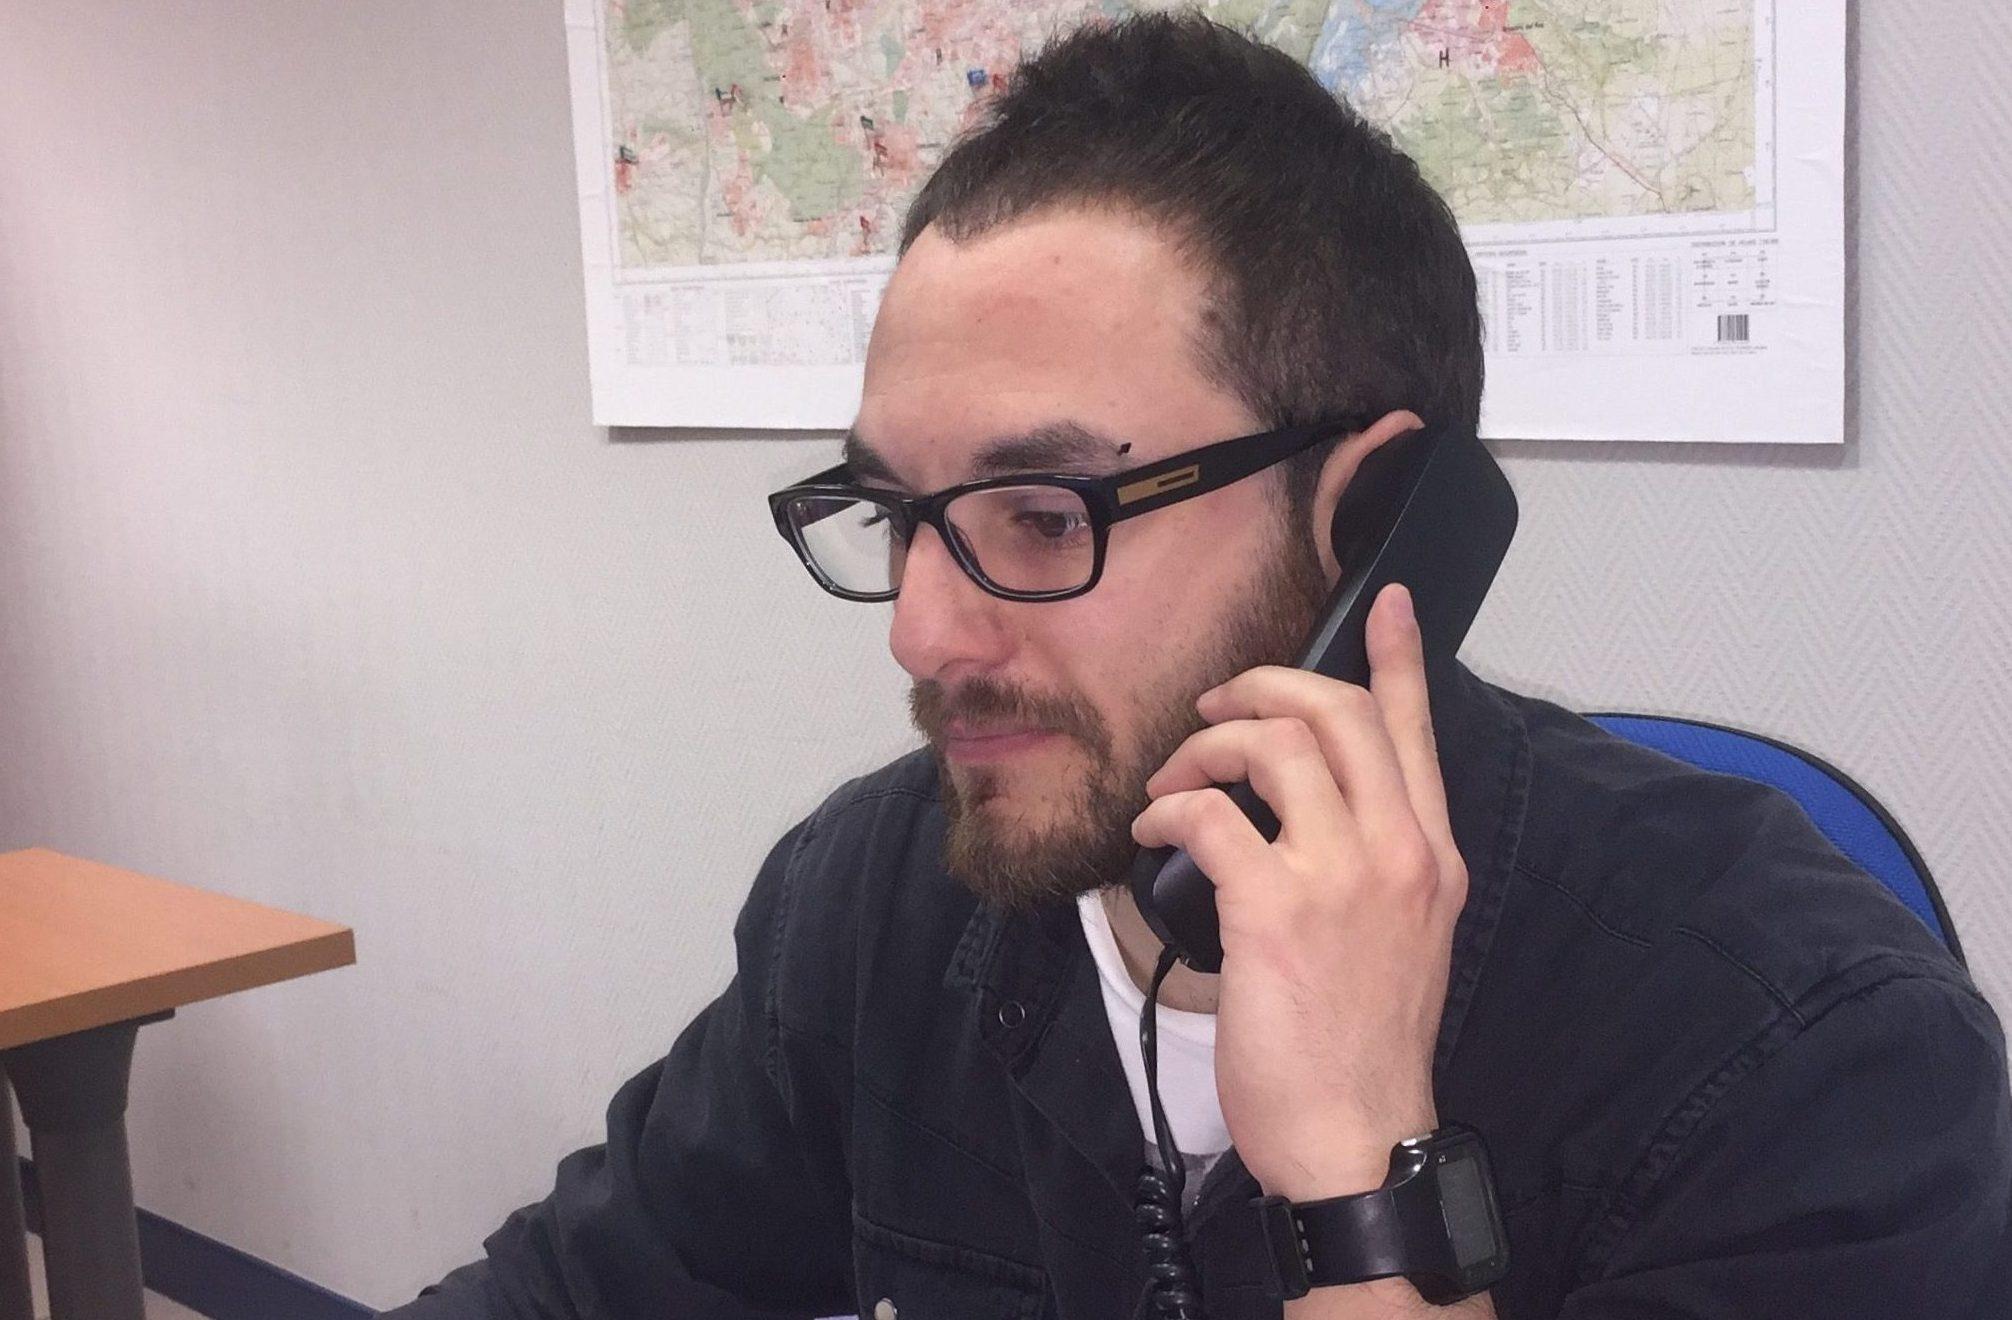 Fernando-Telefono.jpg